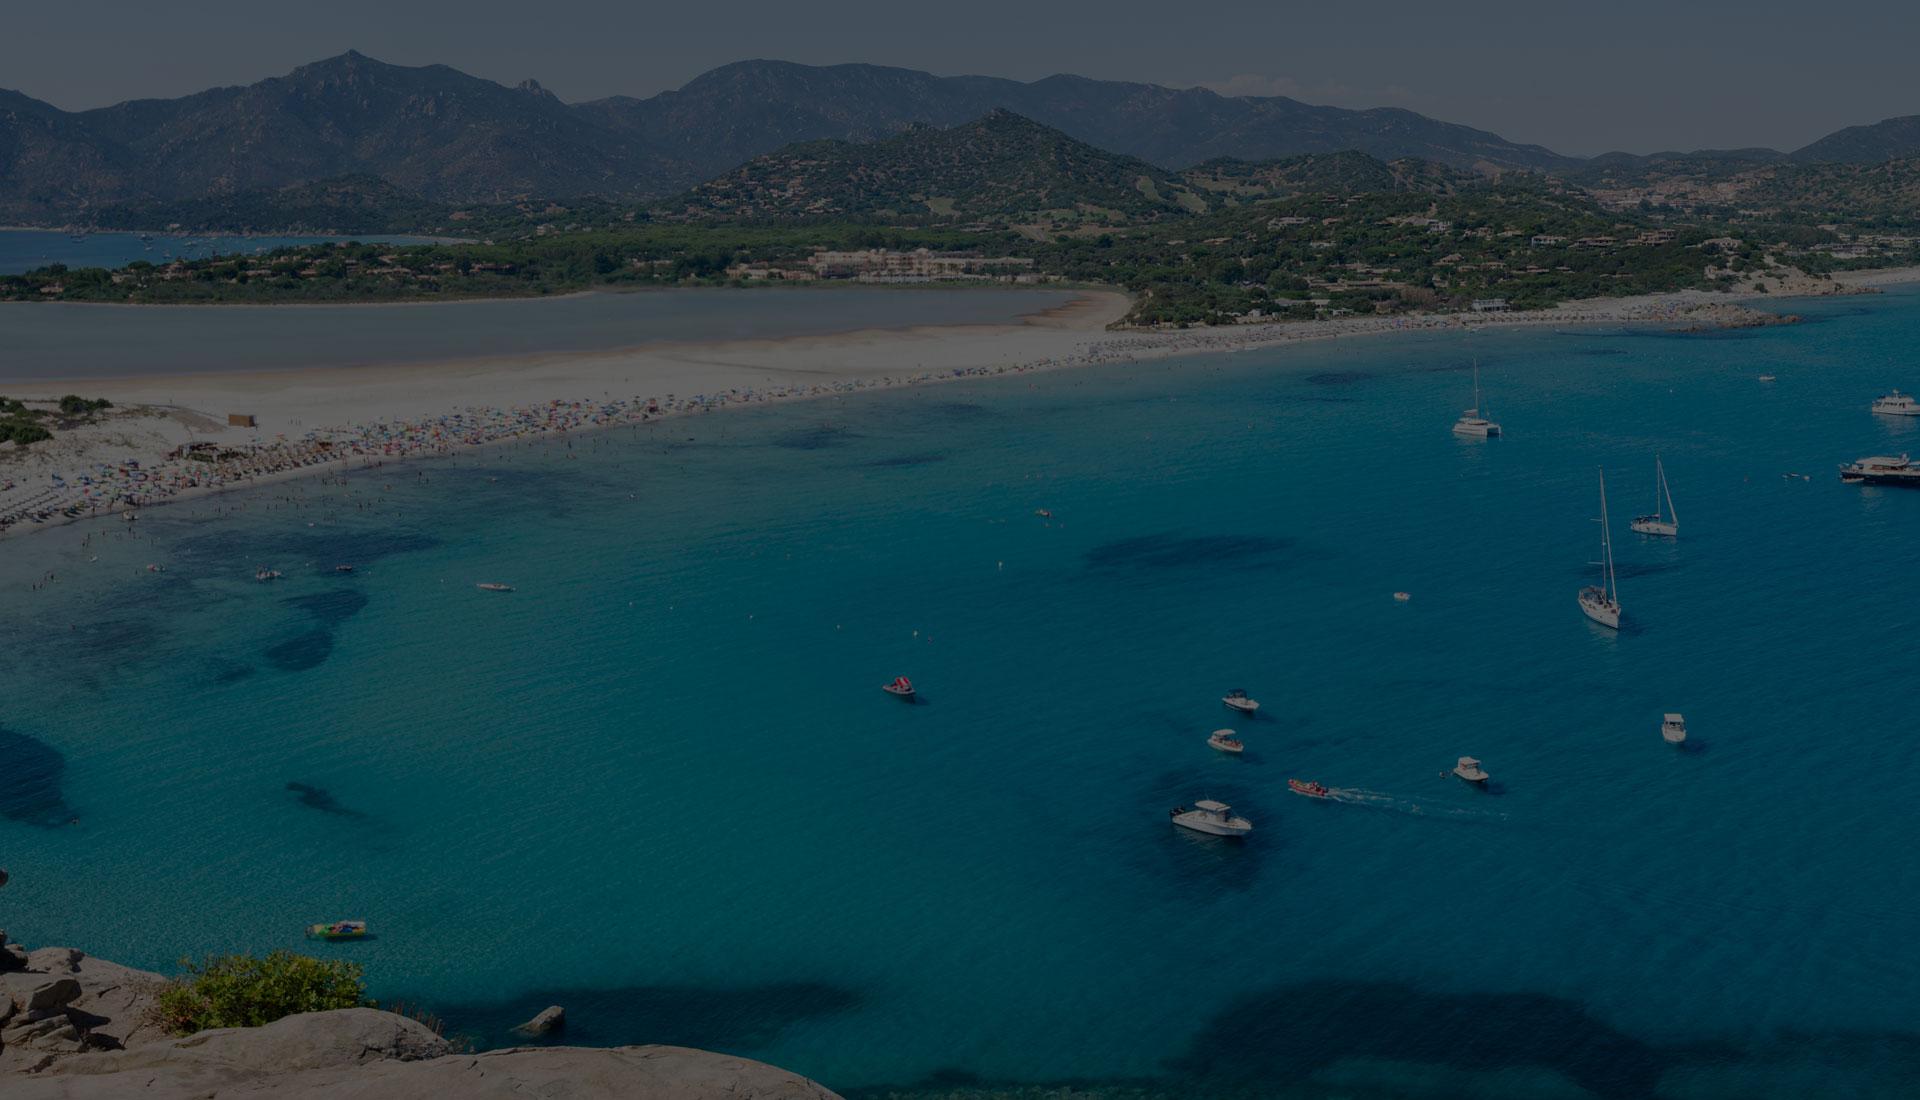 Les spiagge della Sardegna